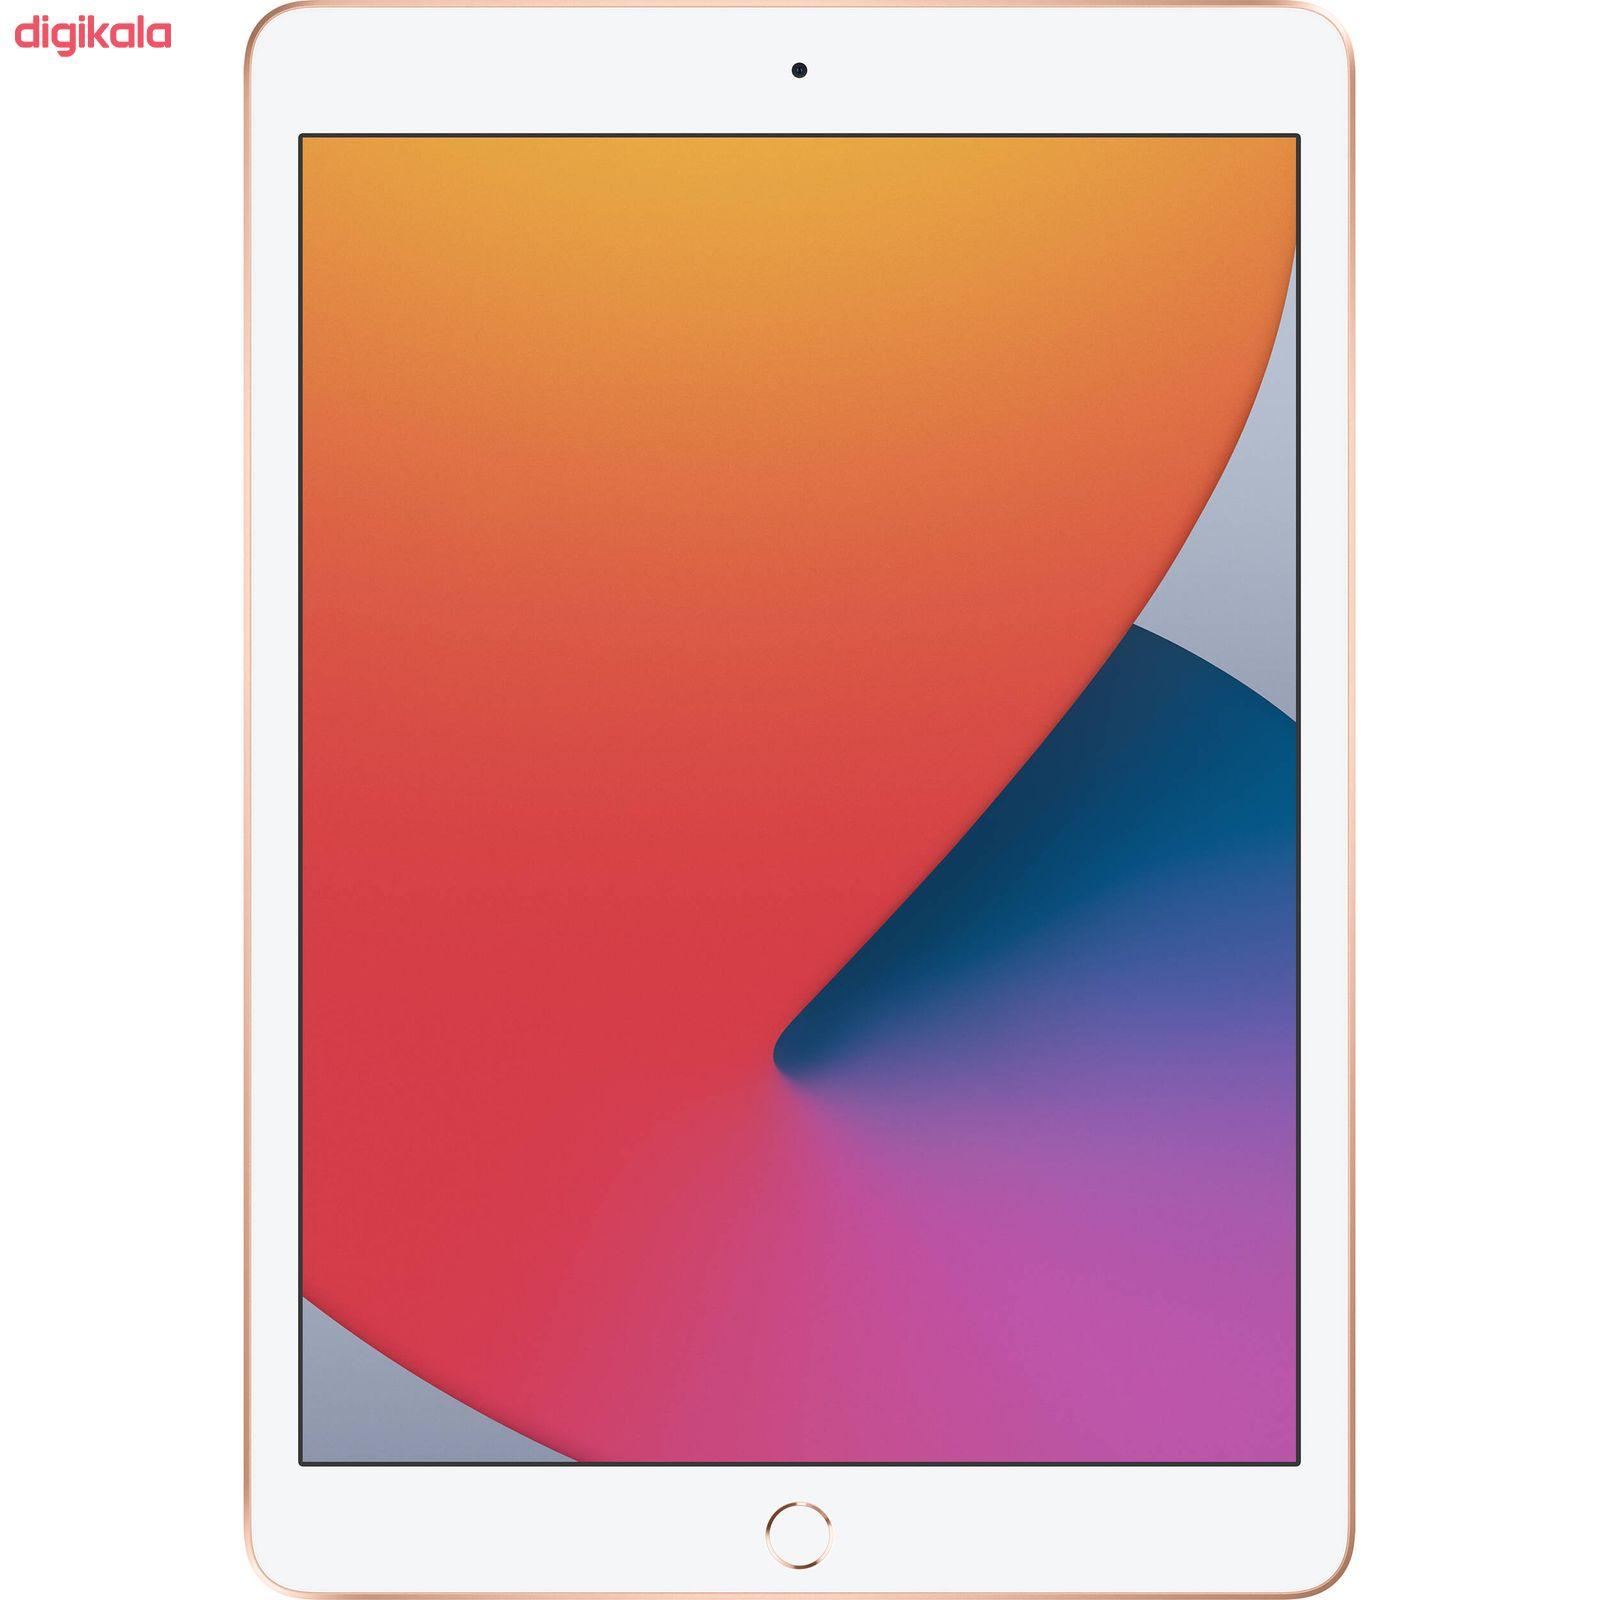 تبلت اپل مدل iPad 10.2 inch 2020 WiFi ظرفیت 128 گیگابایت  main 1 3